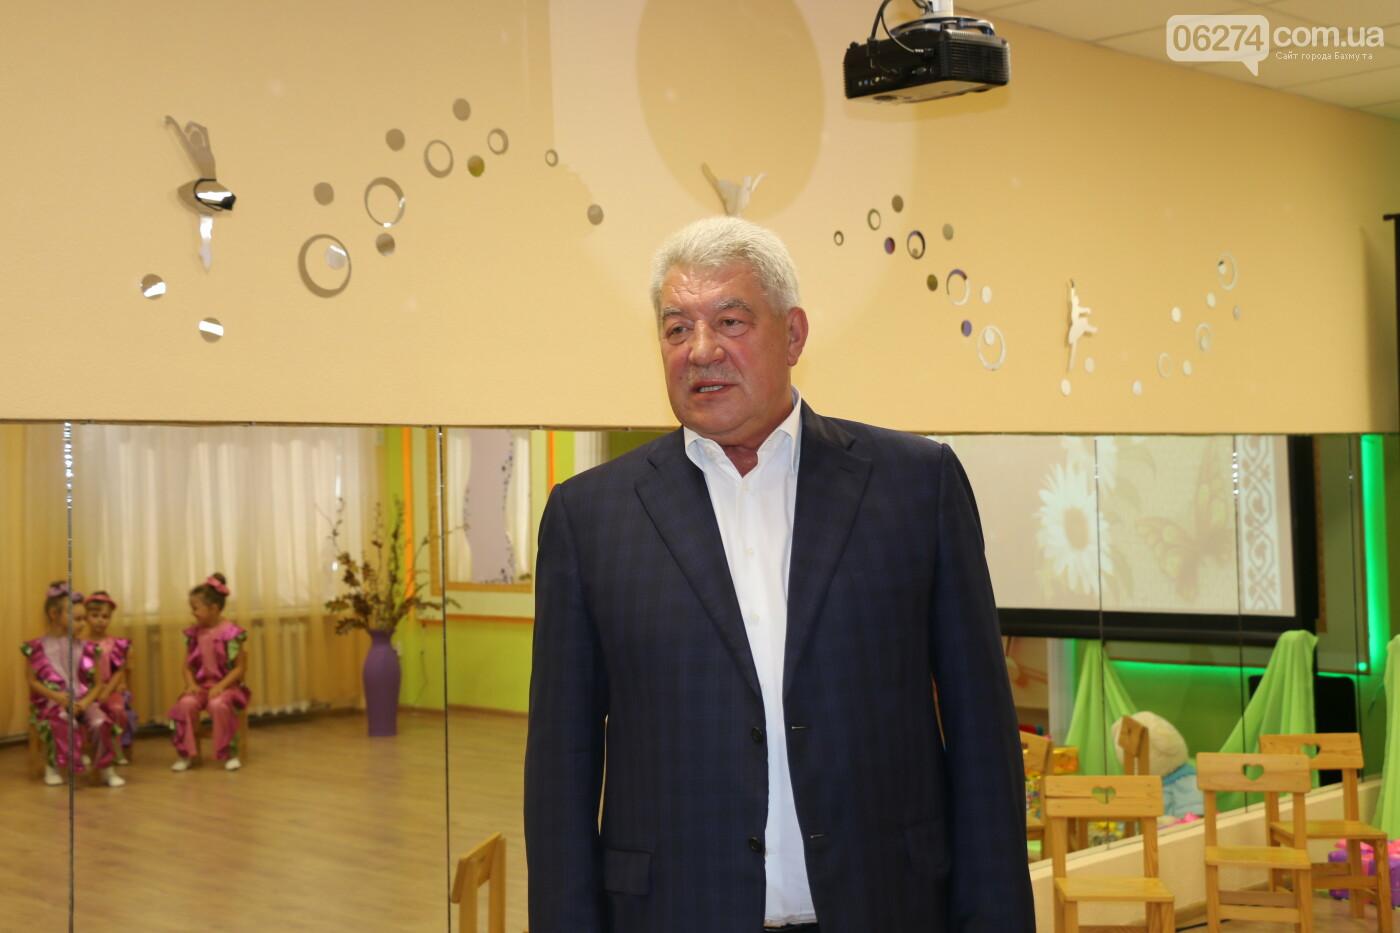 В Бахмуте после капитального ремонта открыли детский сад «Крепыш», фото-19